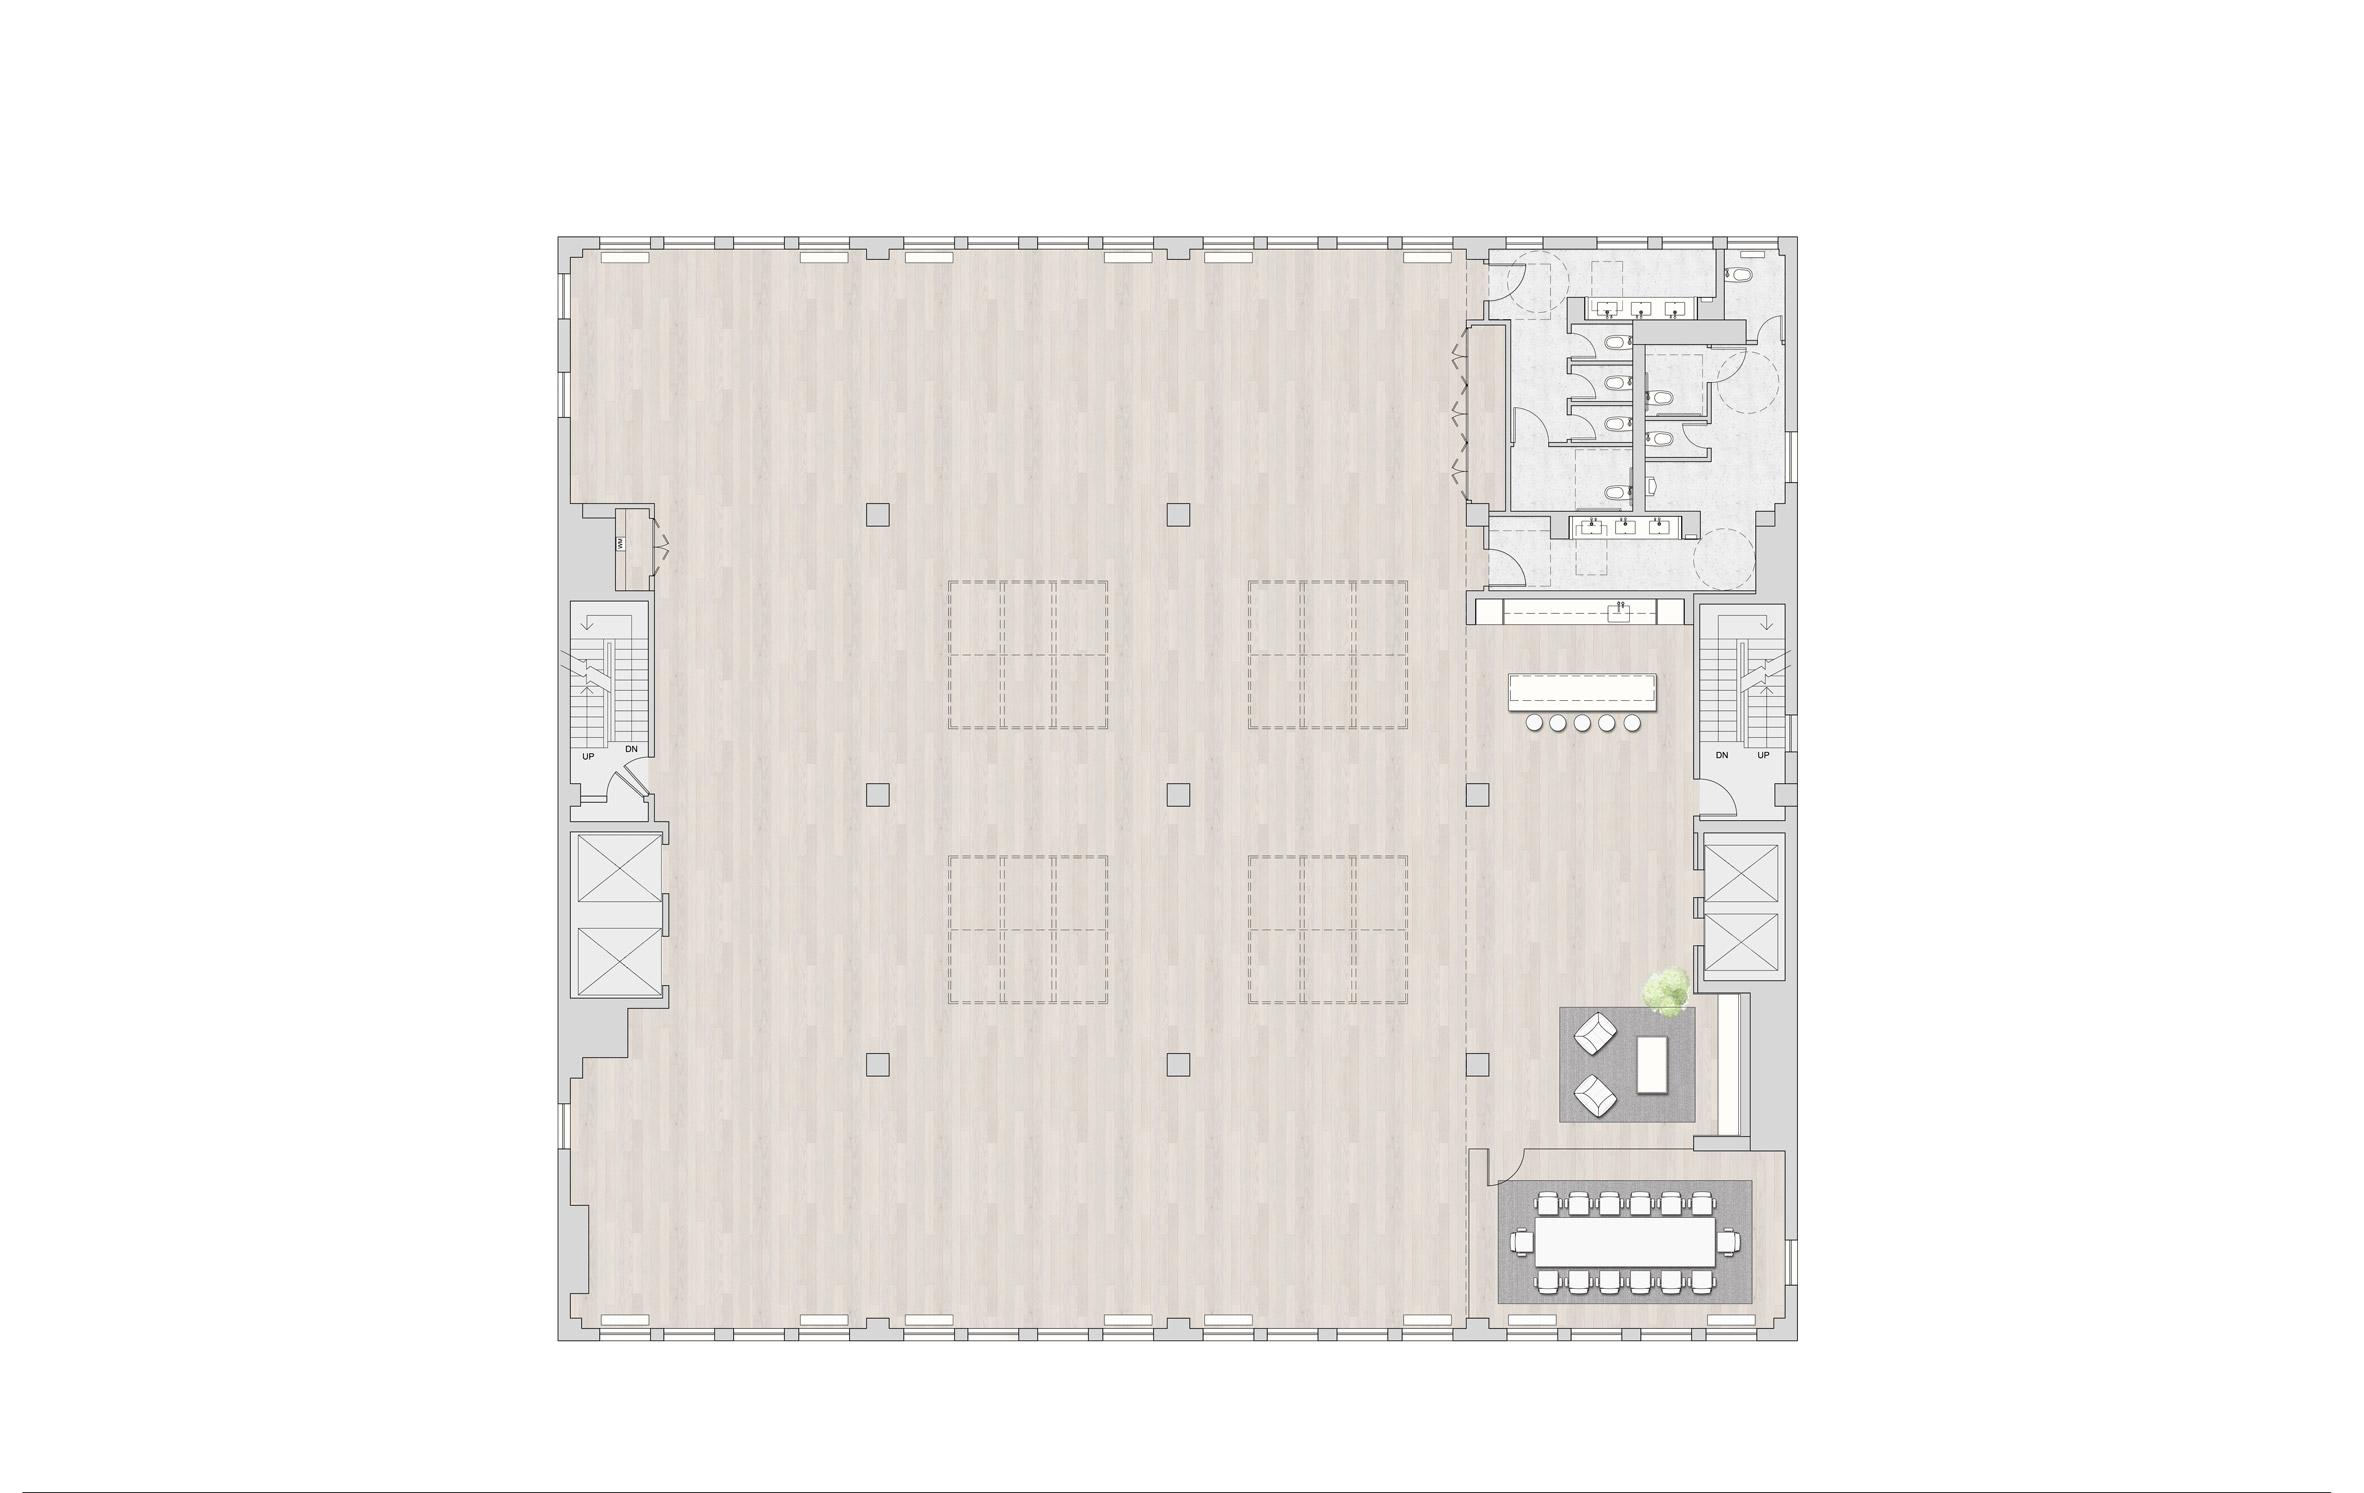 Thiết kế văn phòng hiện đại 9